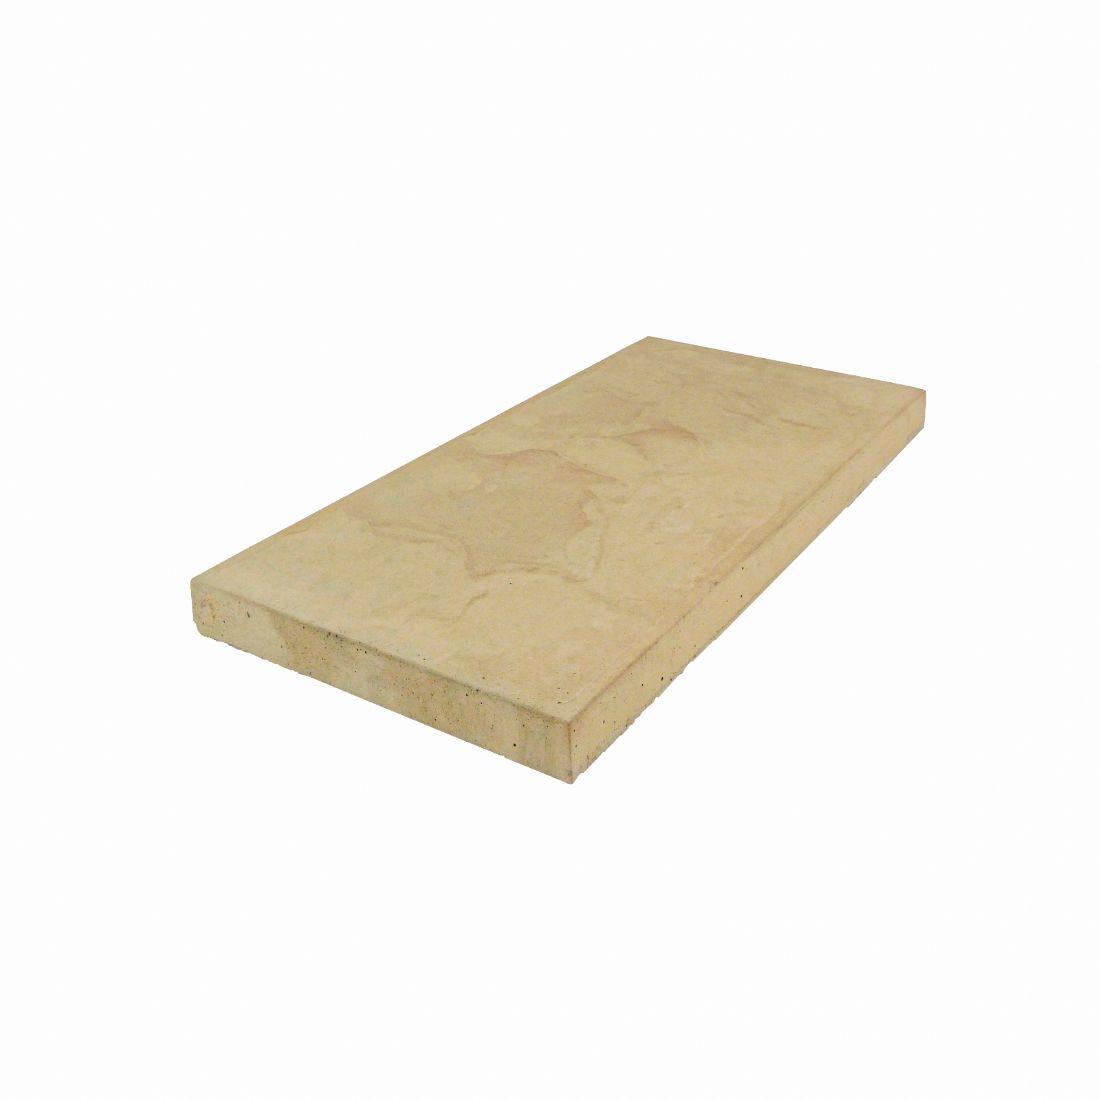 Romani Concrete Paver 600 x 300 x 37mm Cream Sands